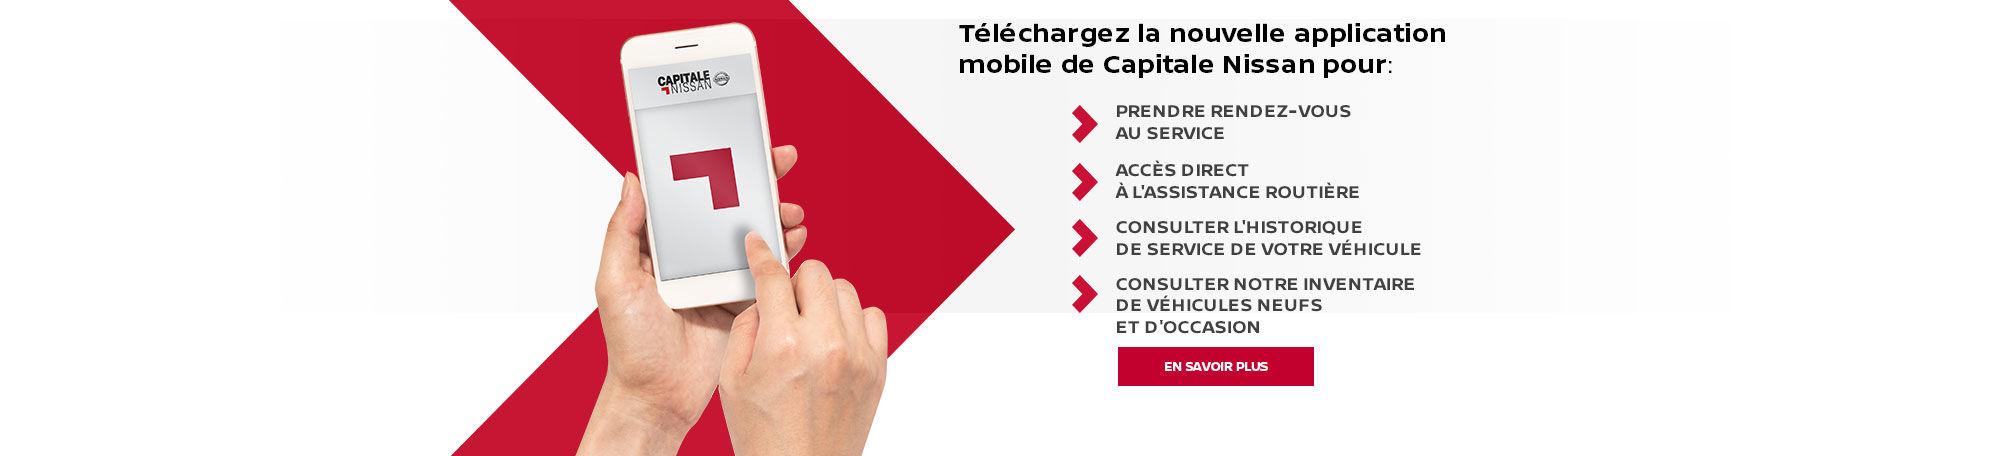 Téléchargez la nouvelle application mobile.